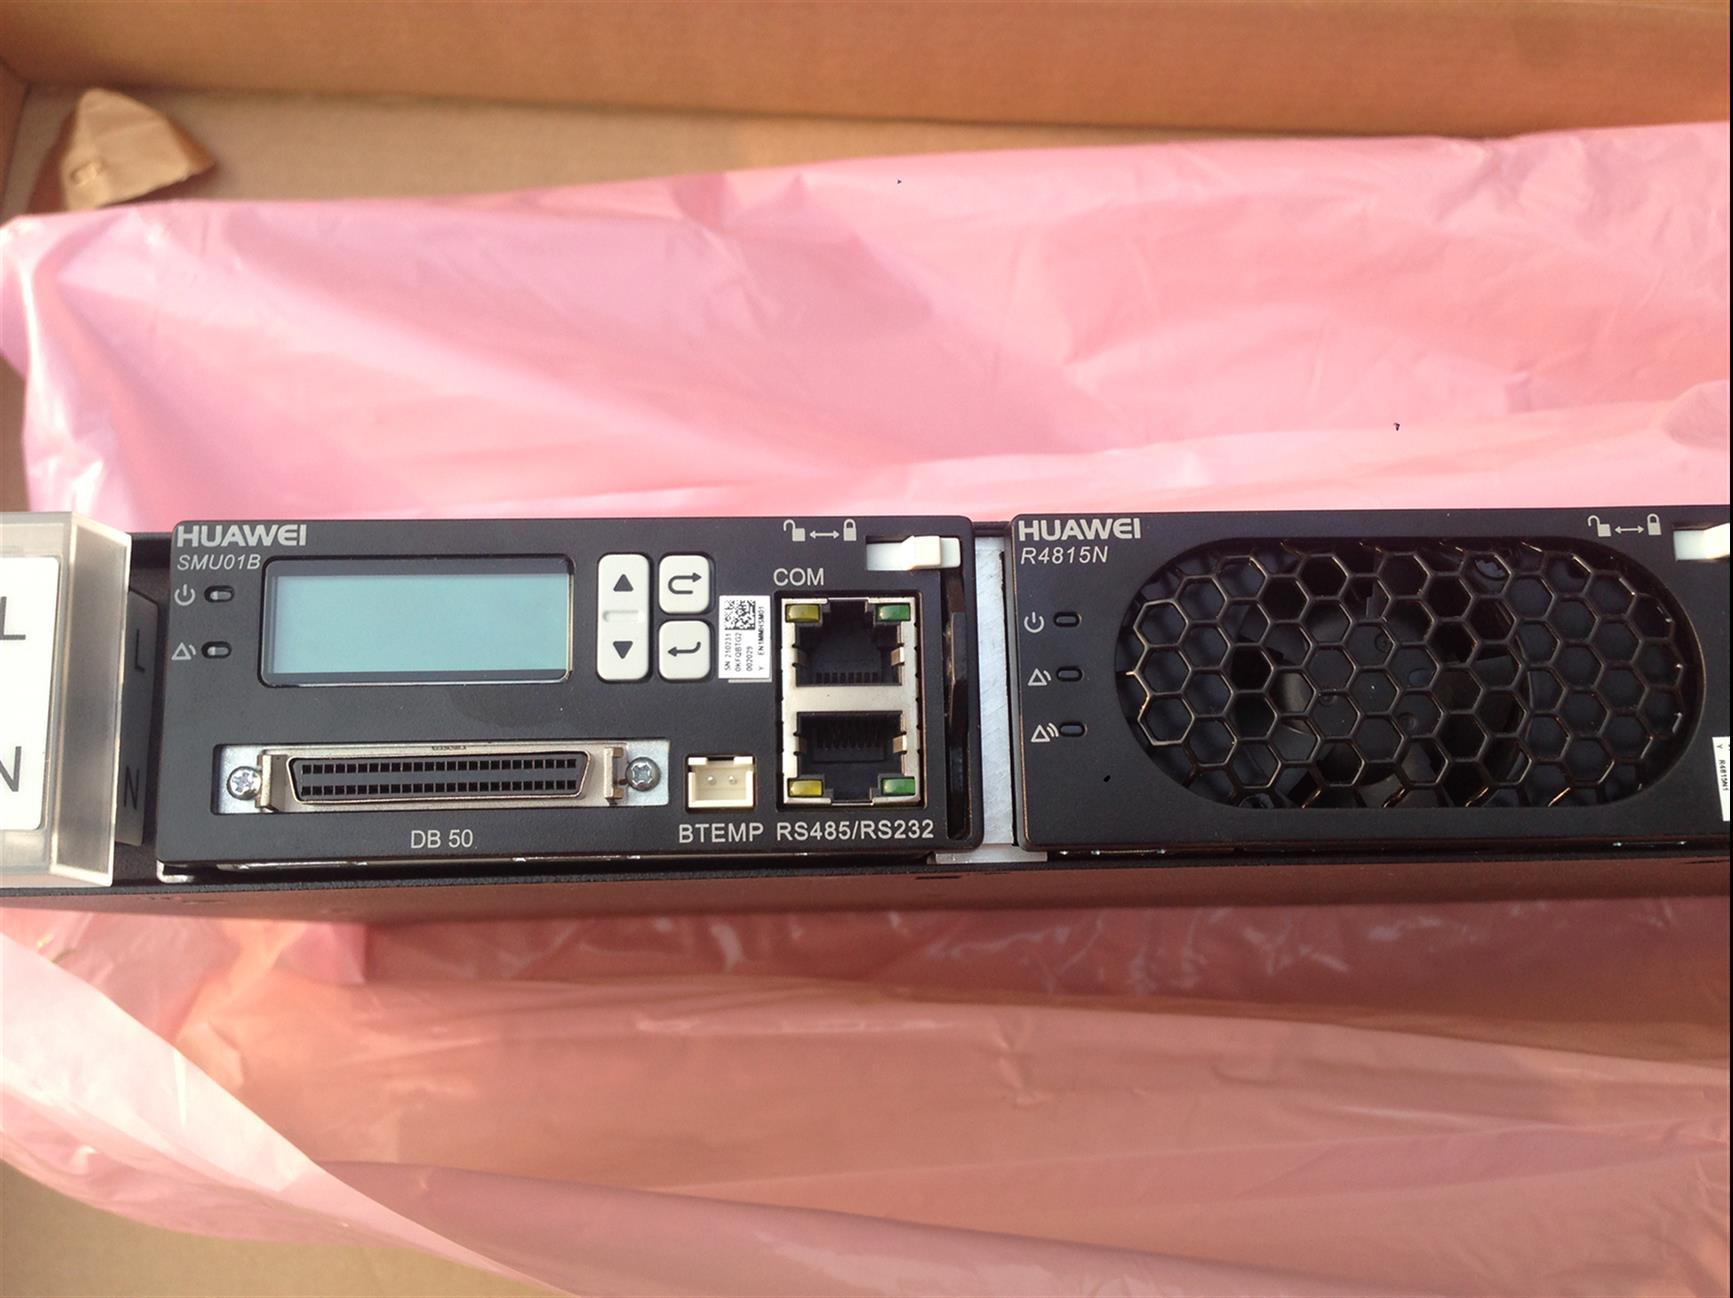 蚌埠华为ETP4830A1嵌入式电源促销